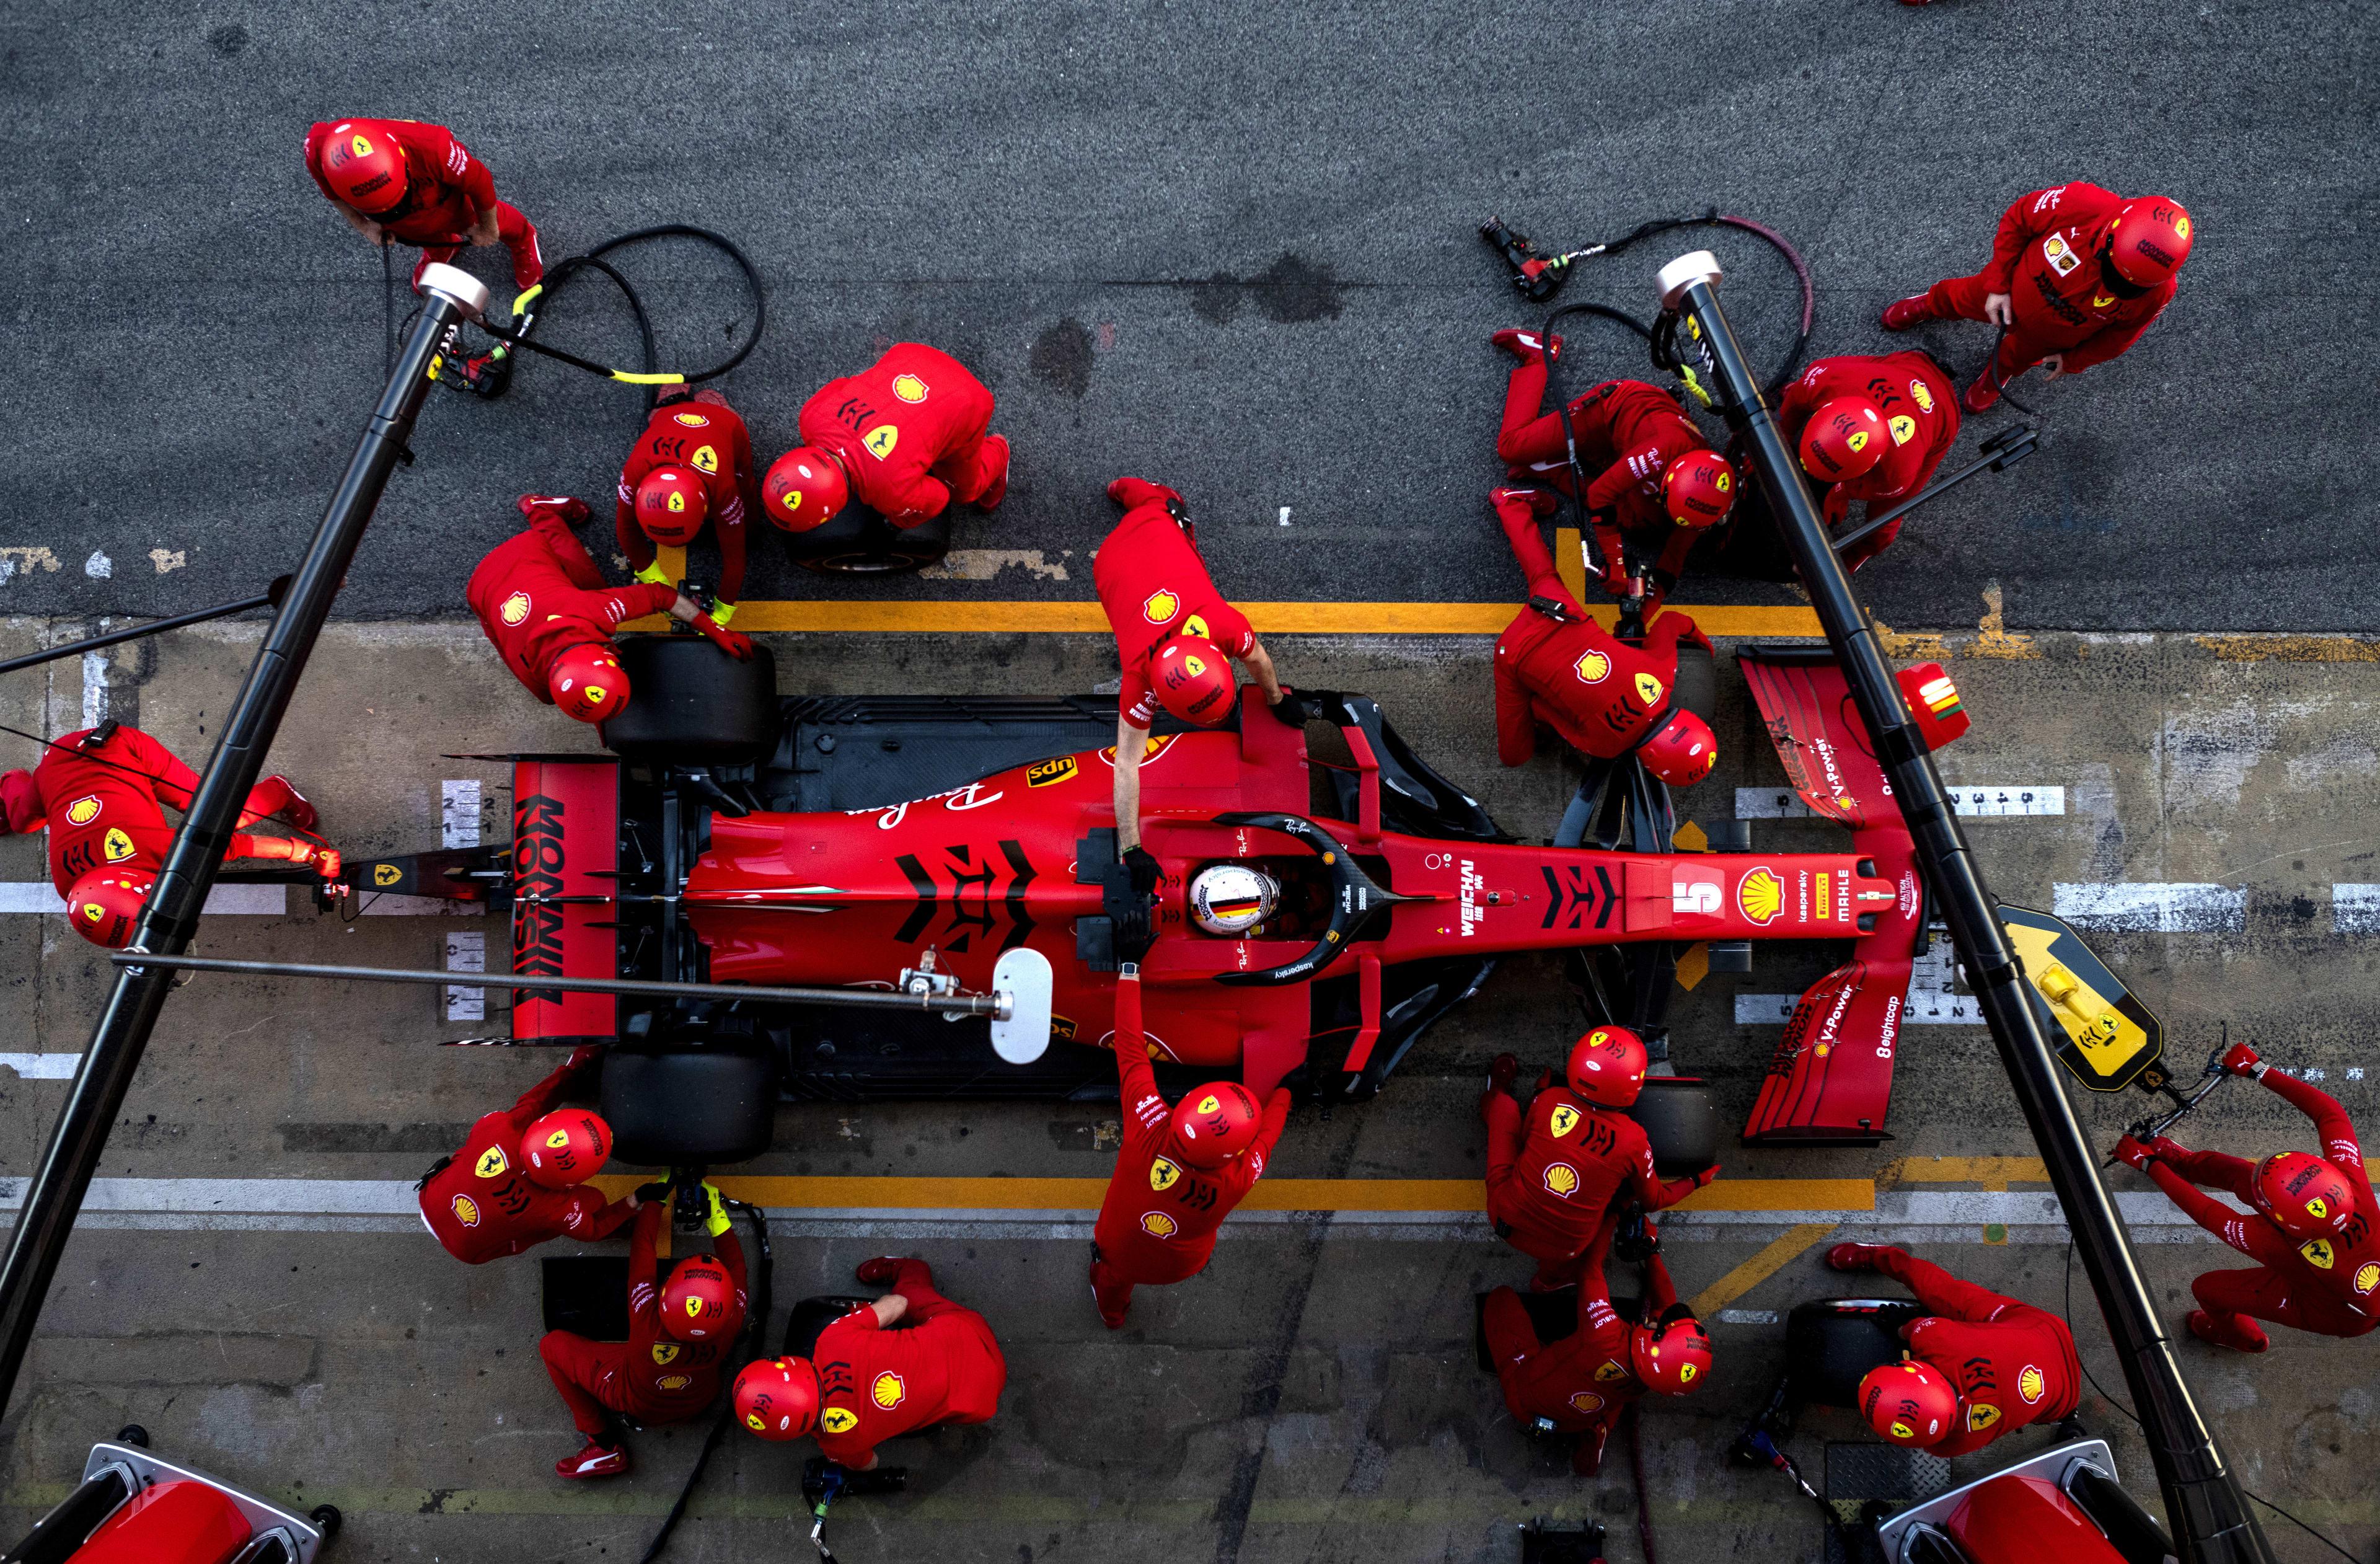 We're not 'sandbagging' in pre-season testing, insist Ferrari | Formula 1®